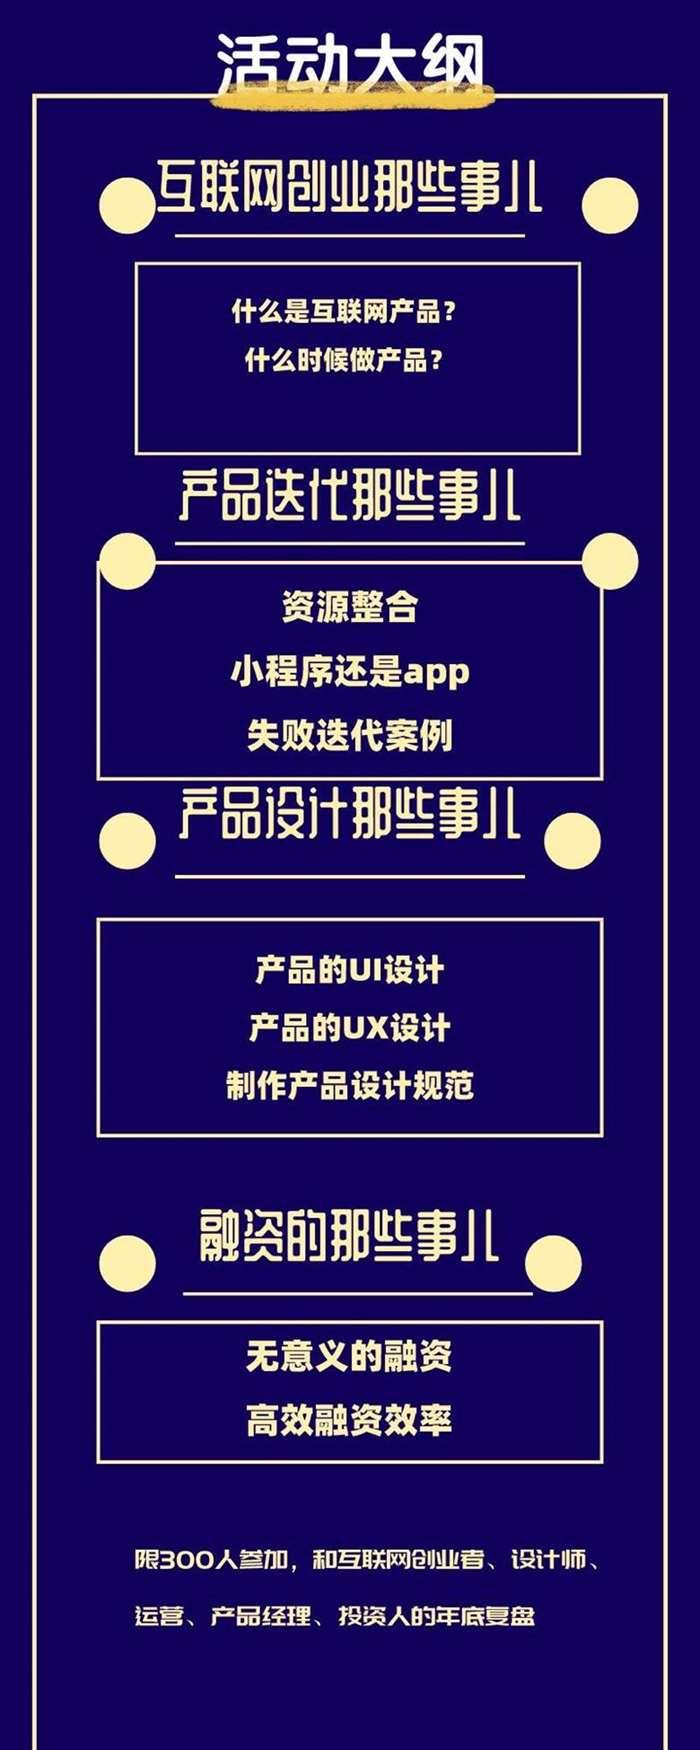 默认标题_长图海报_2019-12-05-0.png